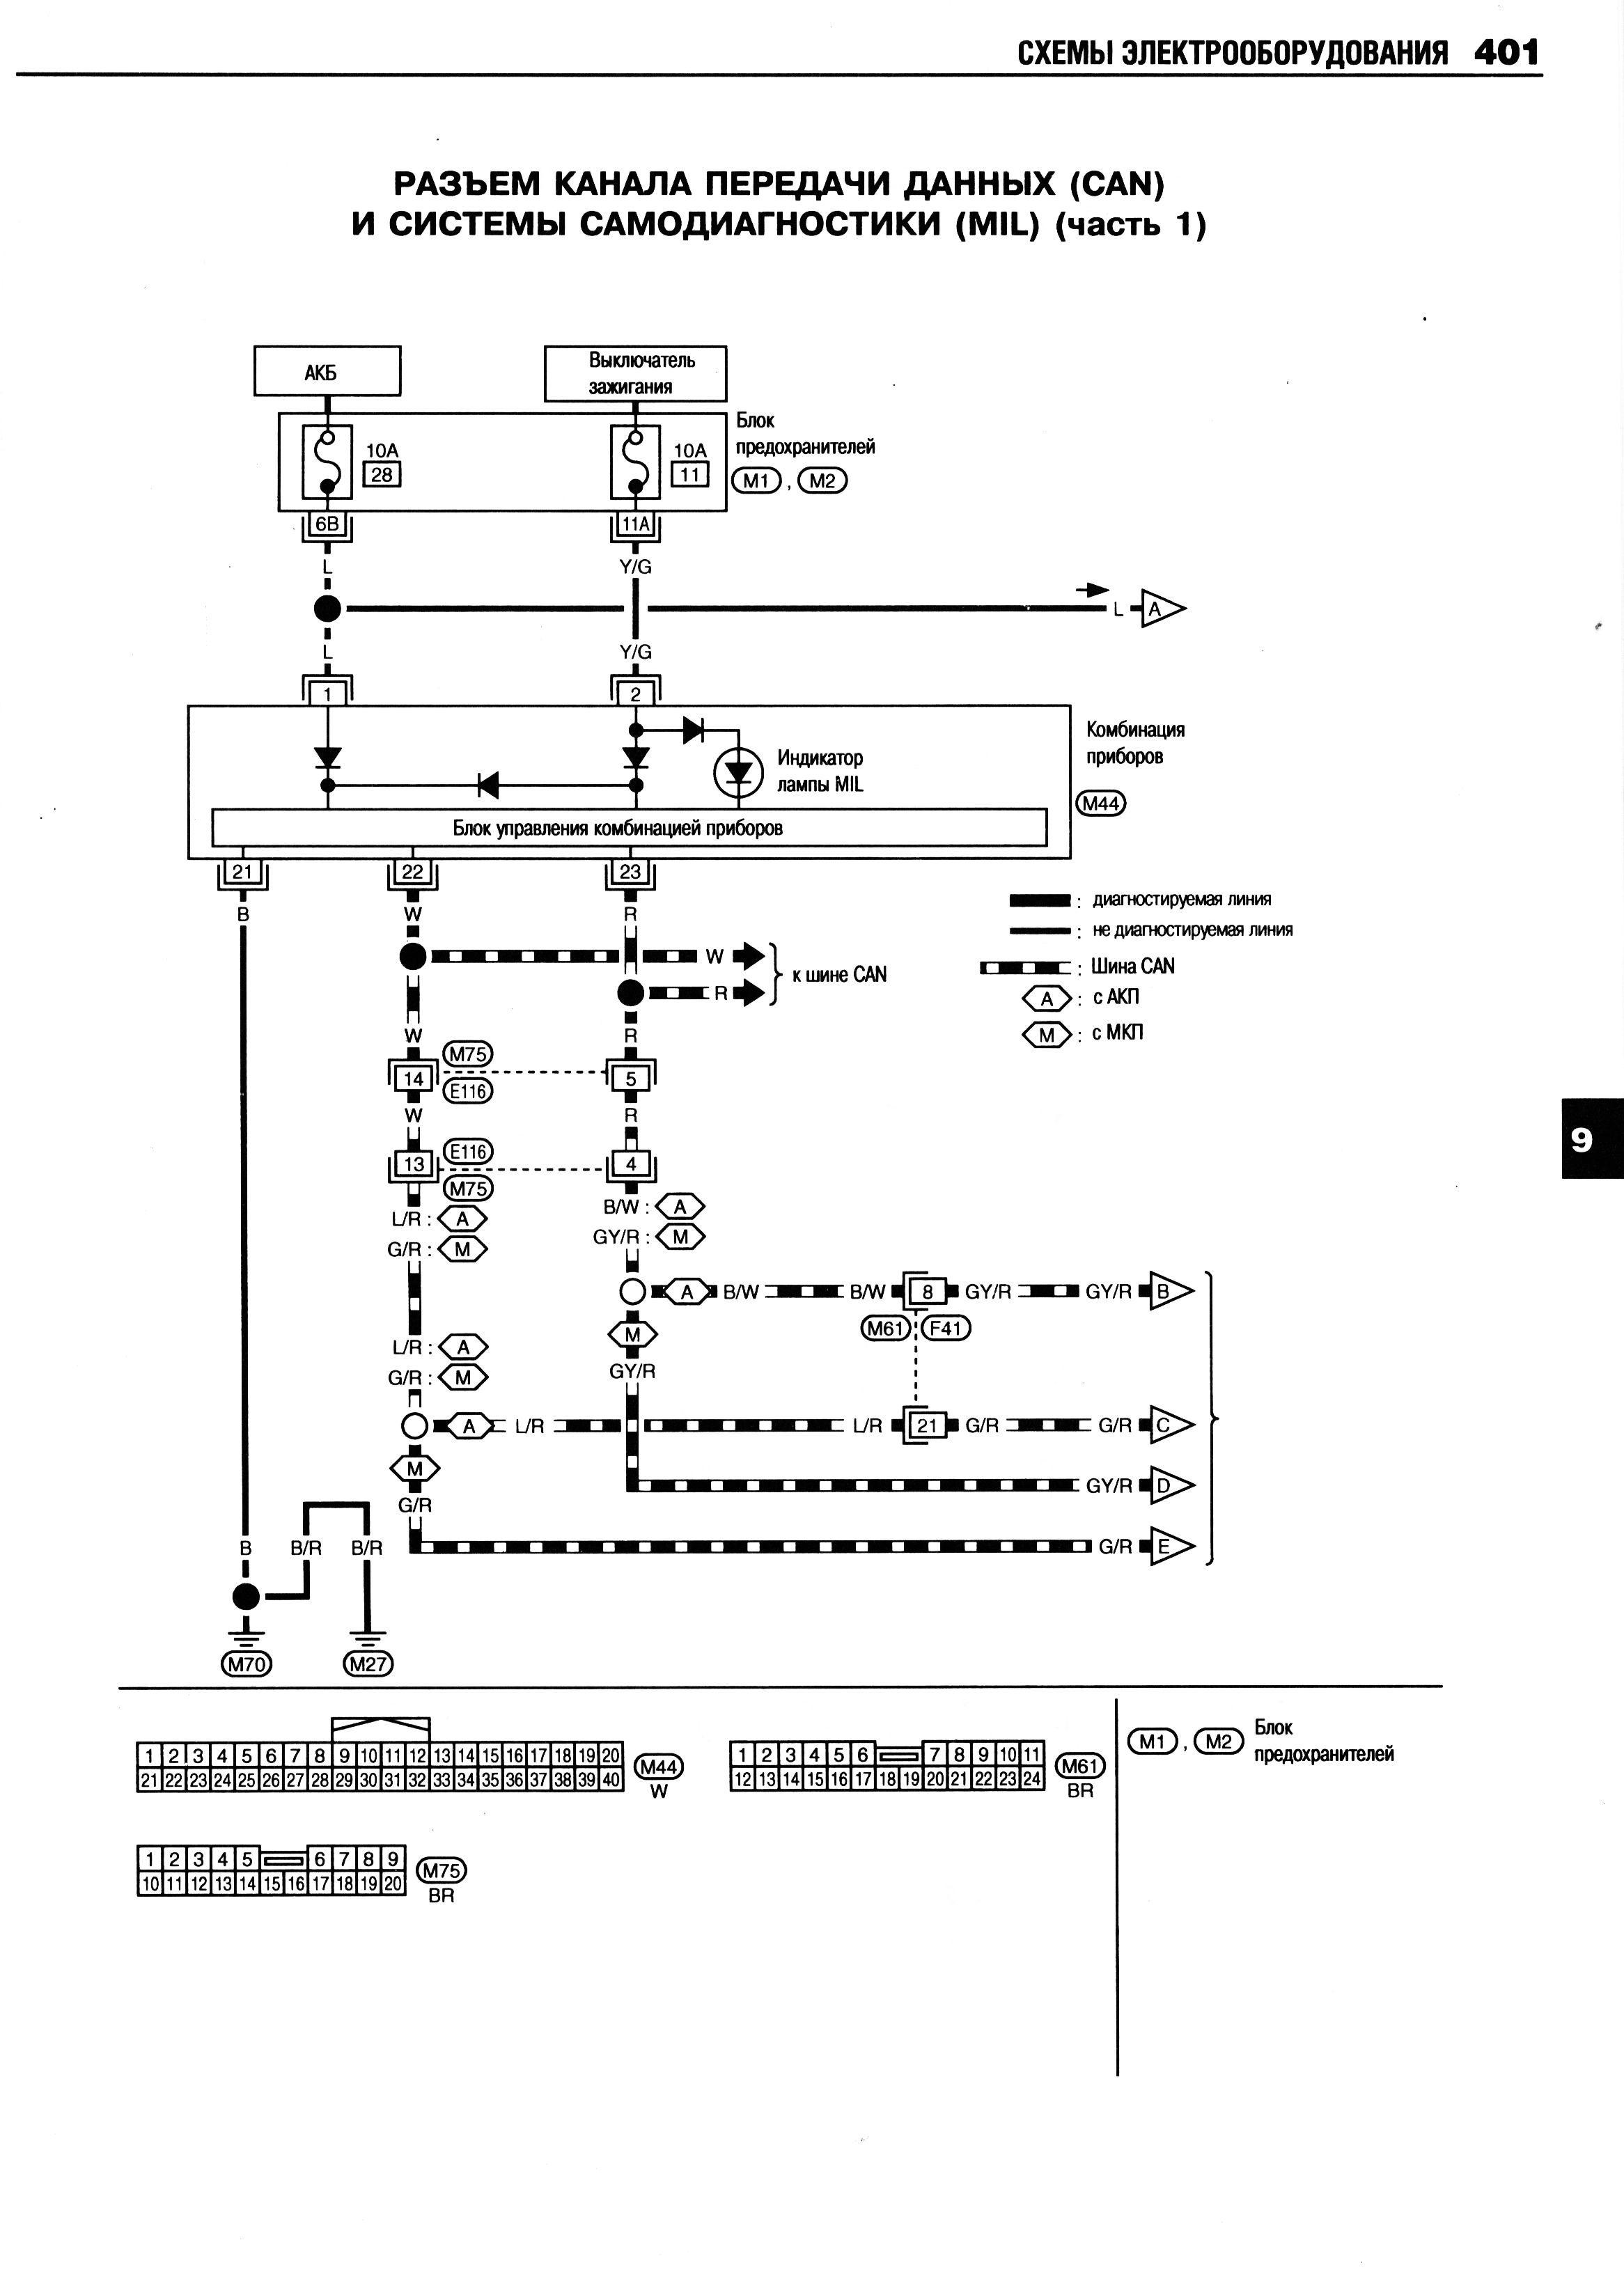 инструкция по эксплуатации ниссан кашкай 2008 pdf